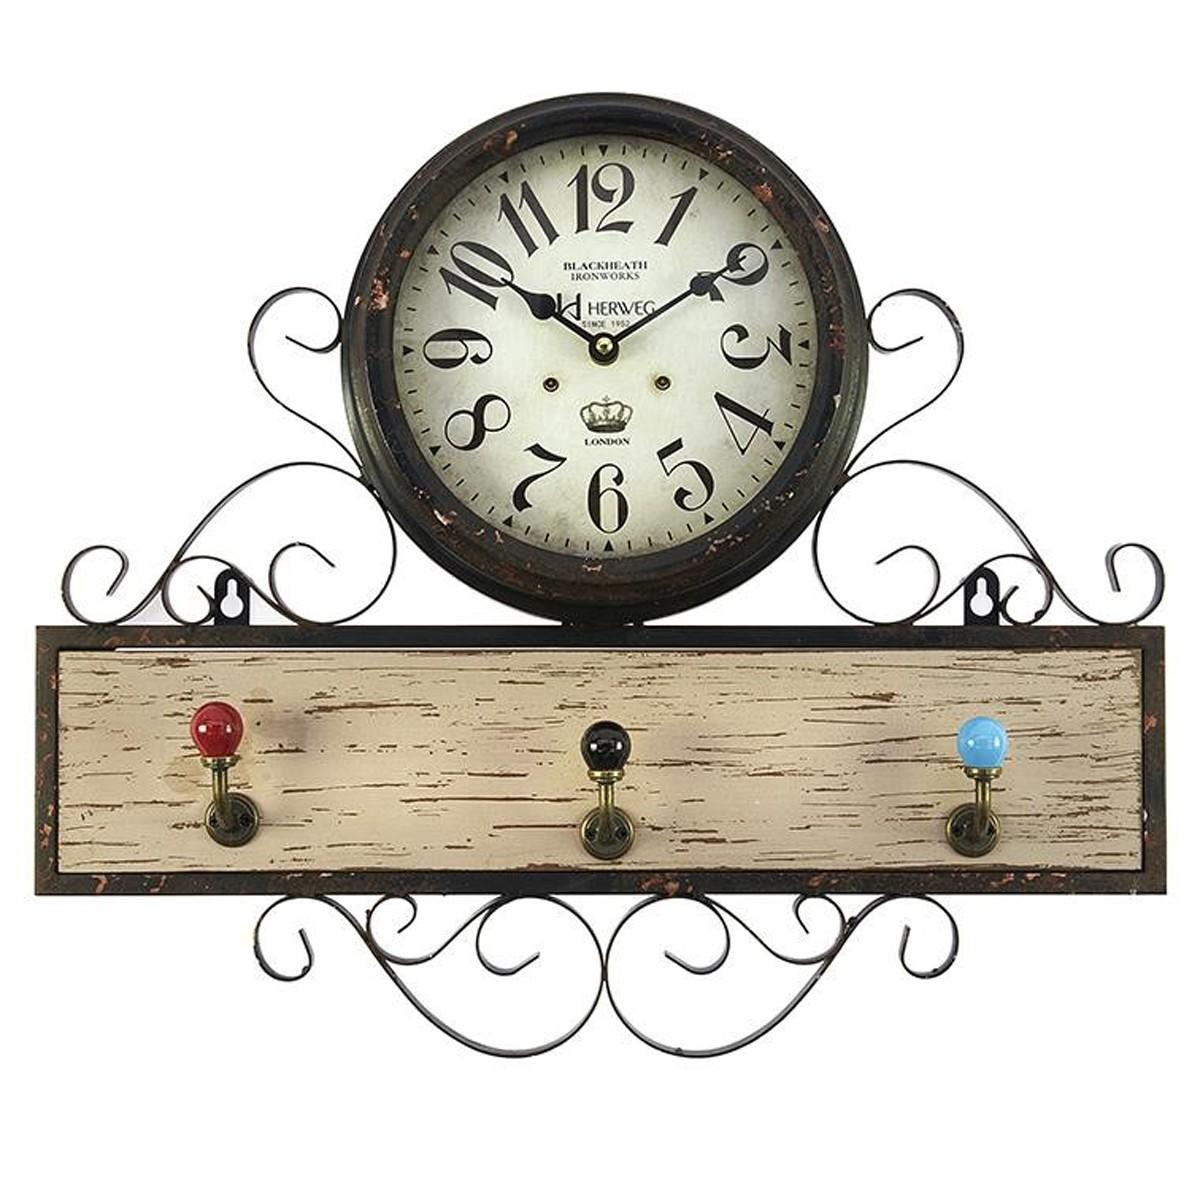 Κρεμάστρα - Ρολόι Τοίχου InArt 3-20-098-0203